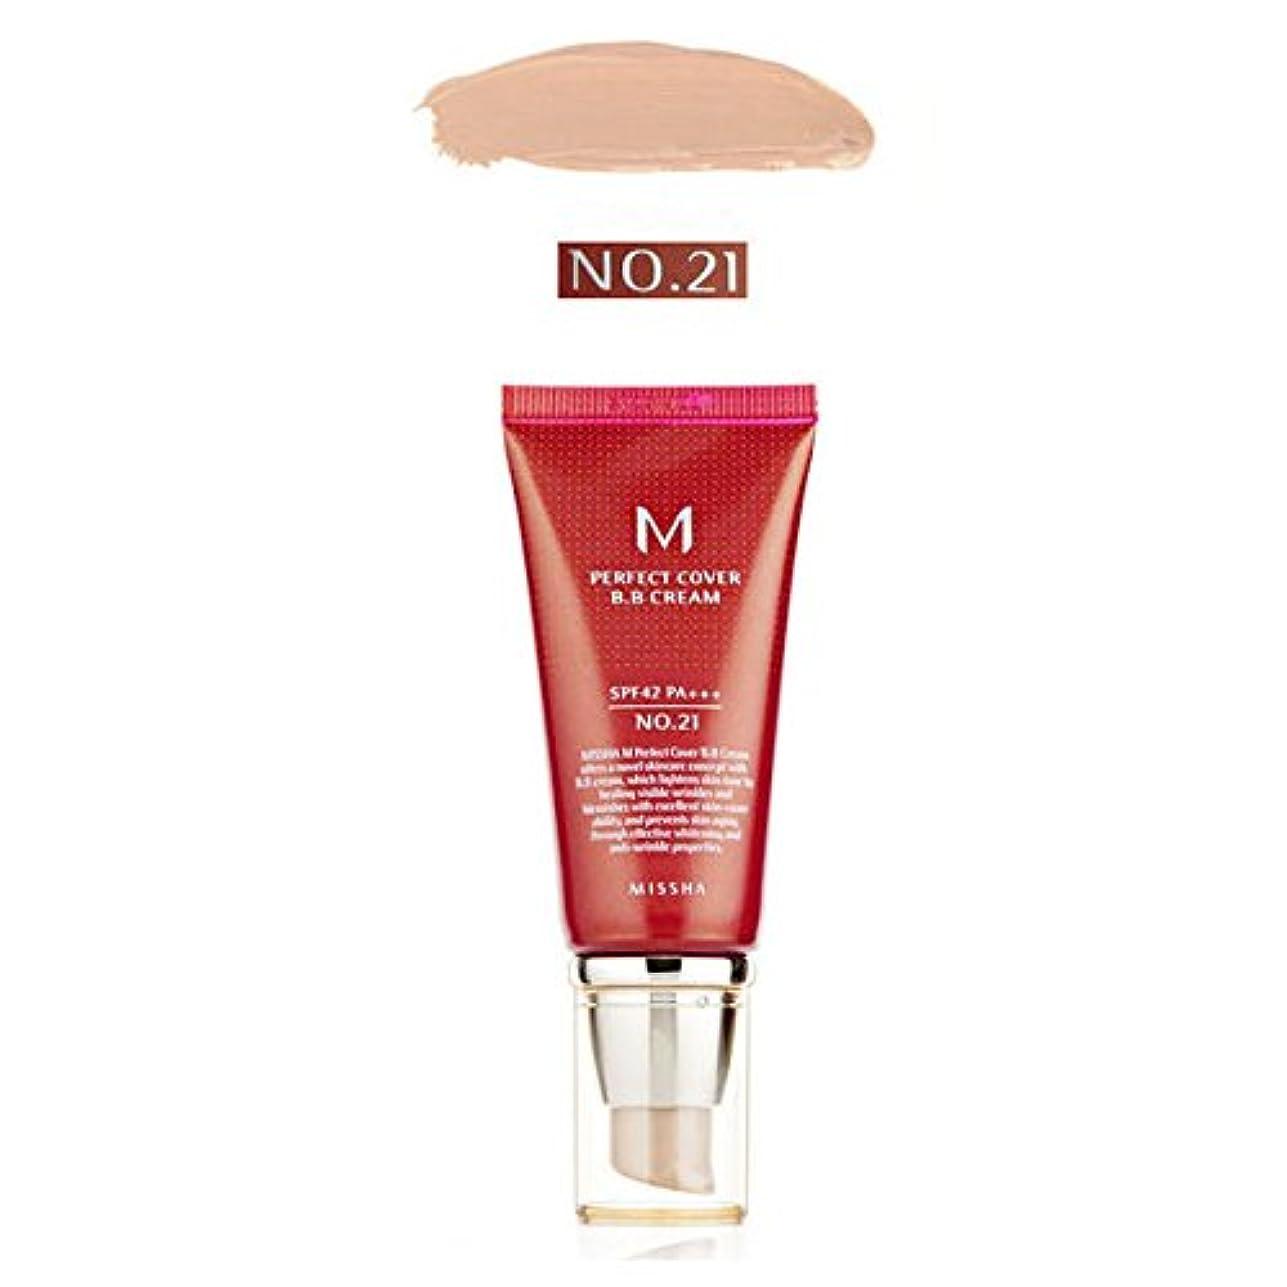 人形競争力のある会員[ミシャ] MISSHA [M パーフェクト カバー BBクリーム 21号 / 23号50ml] (M Perfect Cover BB cream 21号 / 23号 50ml) SPF42 PA+++ (Type4 : No.21 Light Beige + No.21 Light Beige) [並行輸入品]